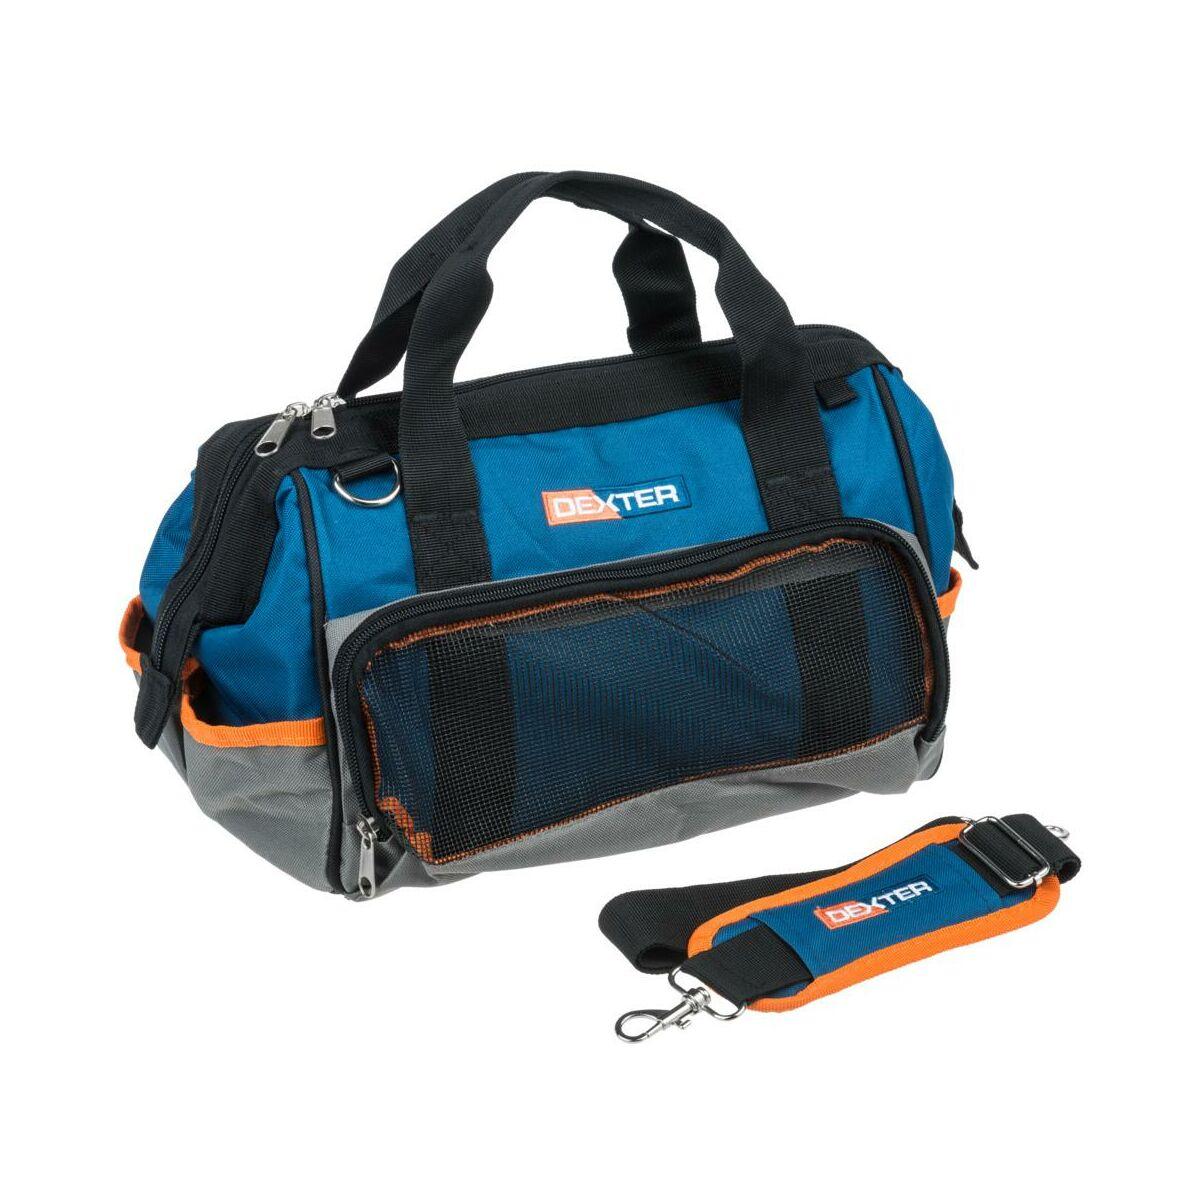 9417e0867aecc Składane pudełko 991216 DEXTER - Skrzynki i torby narzędziowe - w ...